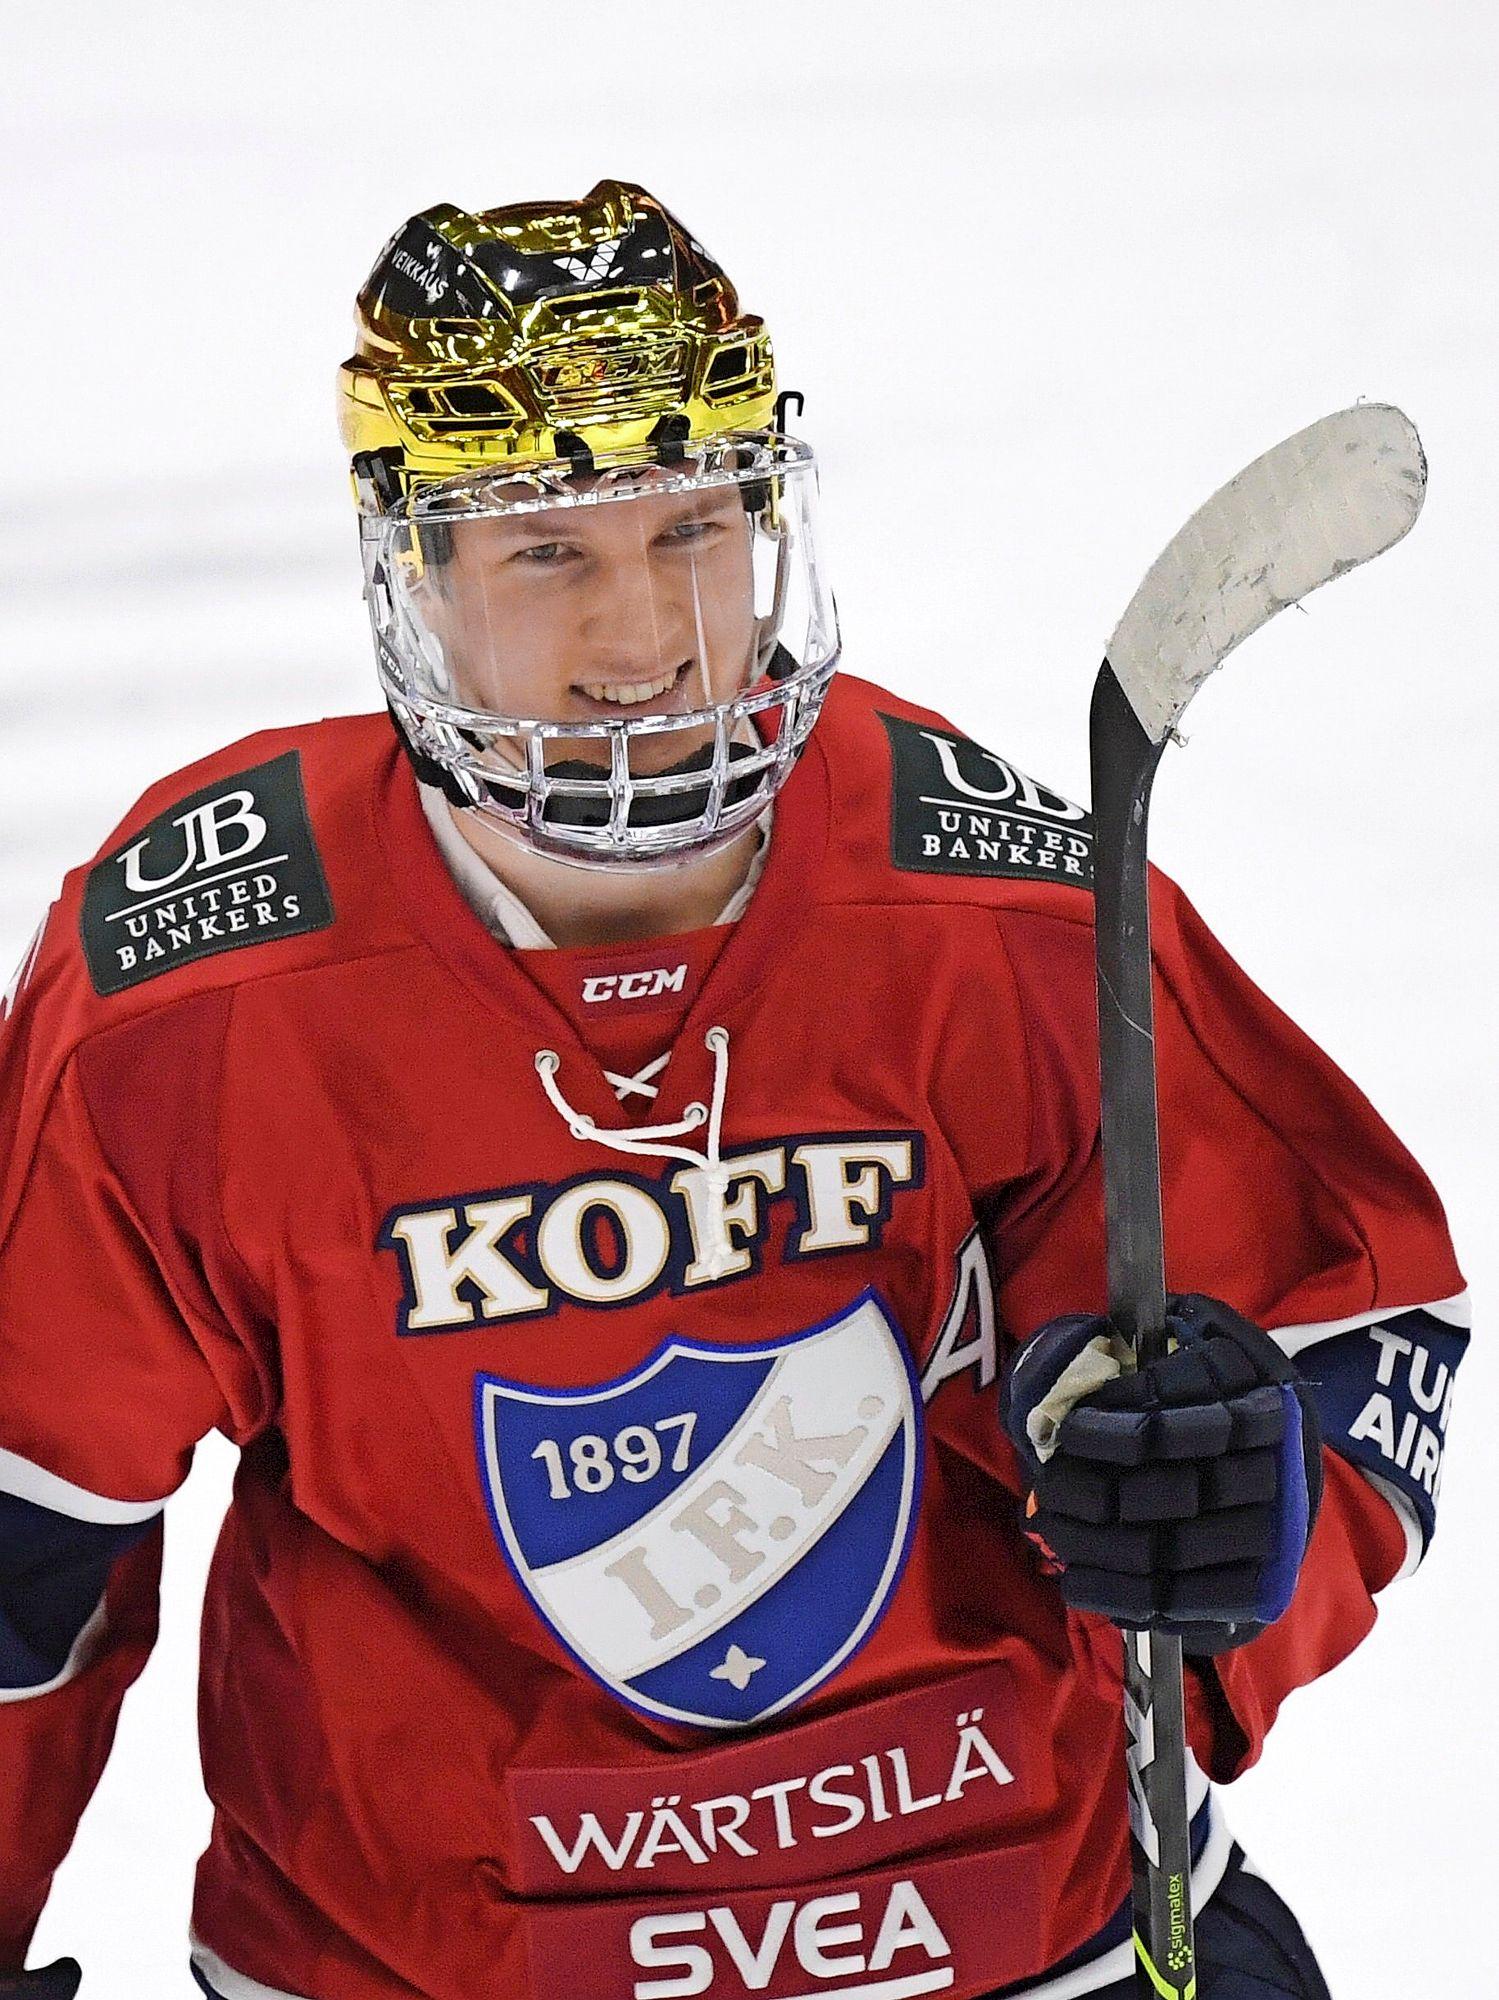 19-vuotiaan Anton Lundellin nappikausi HIFK:ssa palkittiin kutsulla miesten maajoukkueeseen. Kauden aikana hän pelasi myös alle 20-vuotiaiden MM-kisoissa. © Vesa Moilanen/Lehtikuva